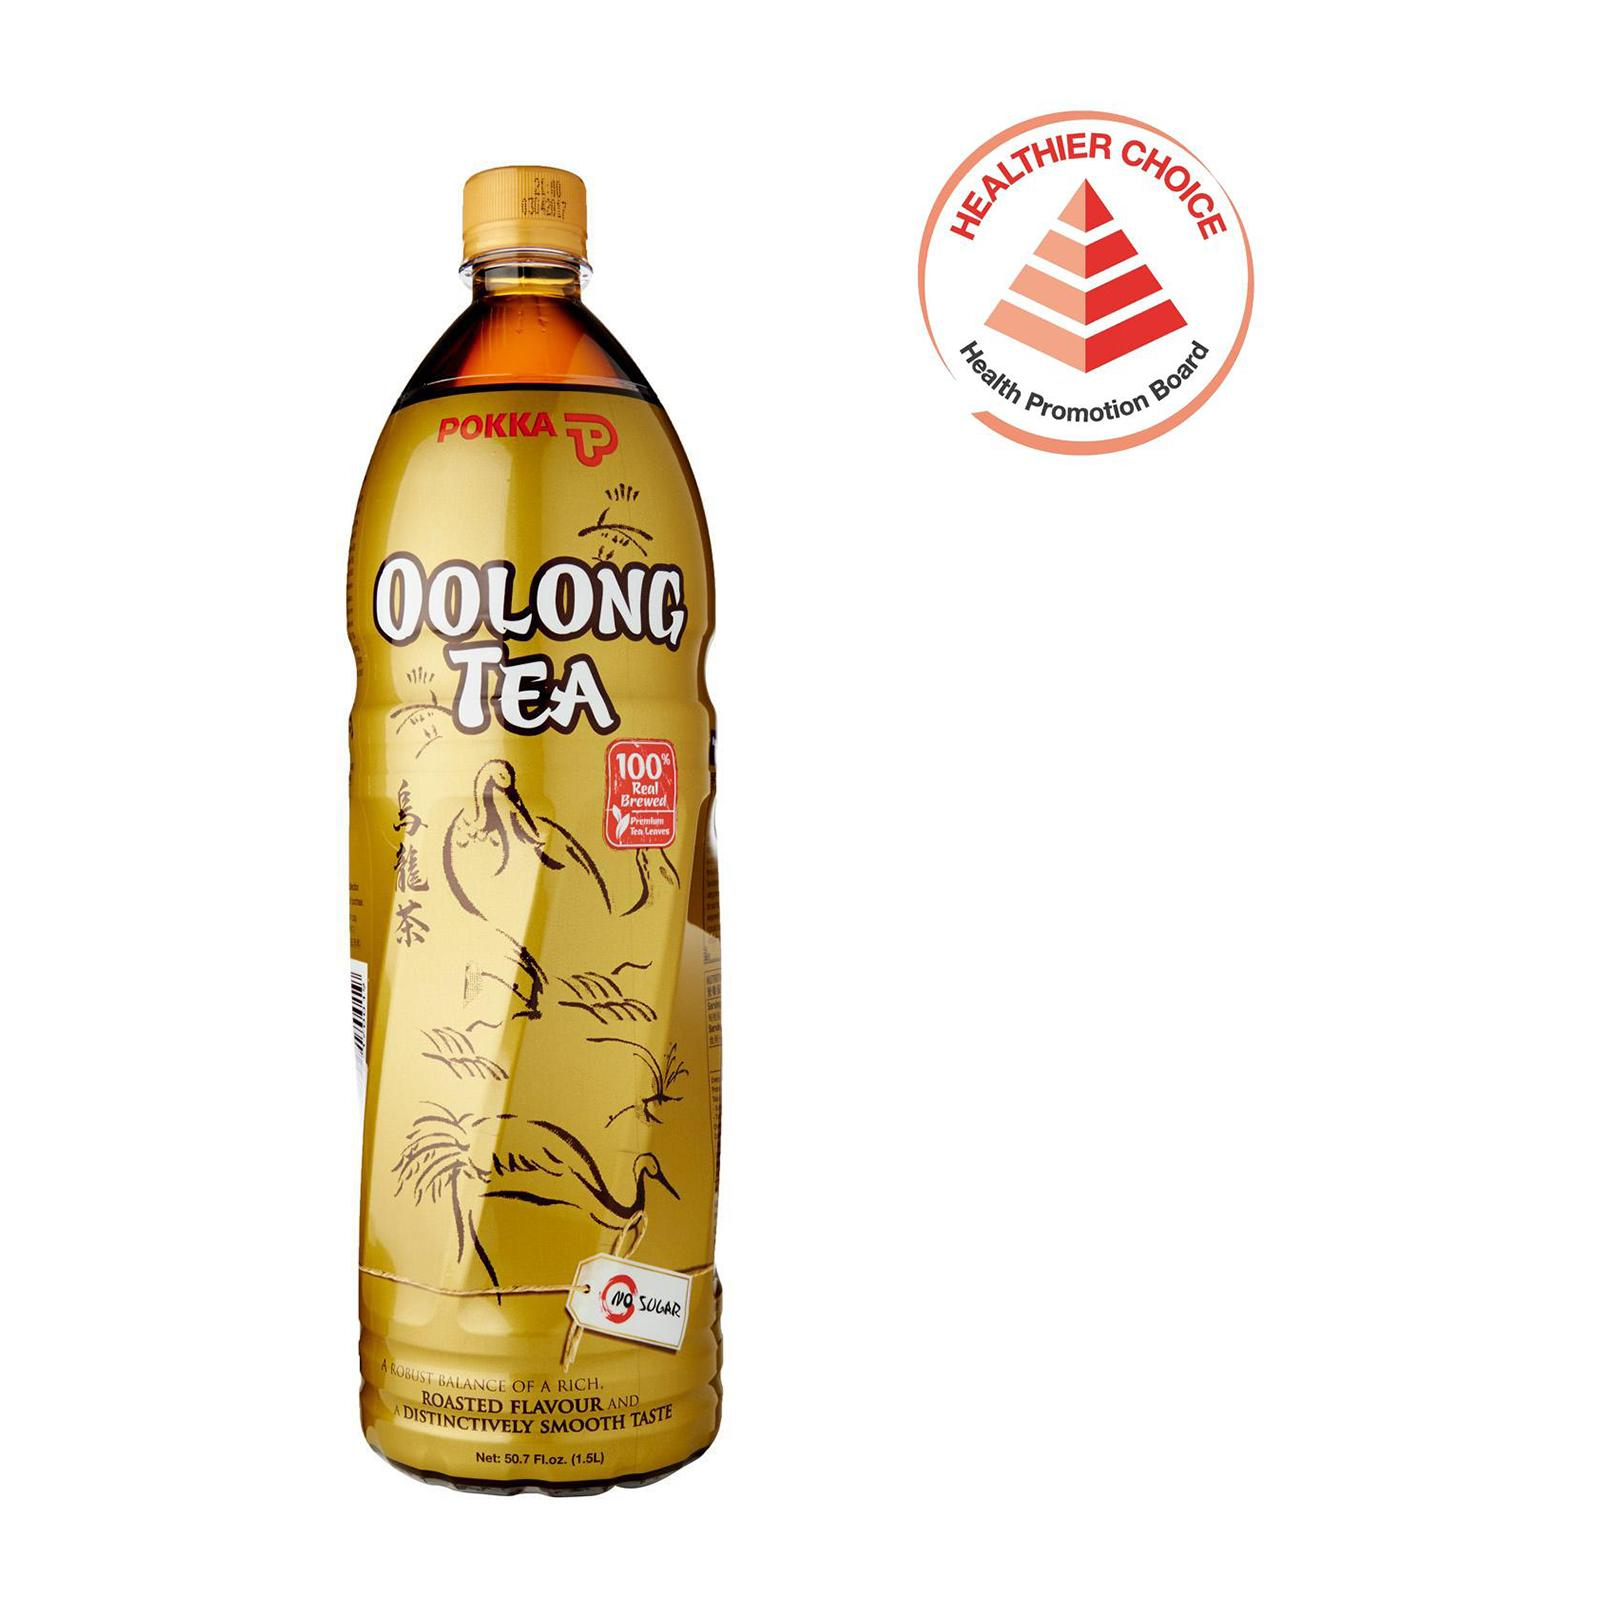 Pokka No Sugar Oolong Tea